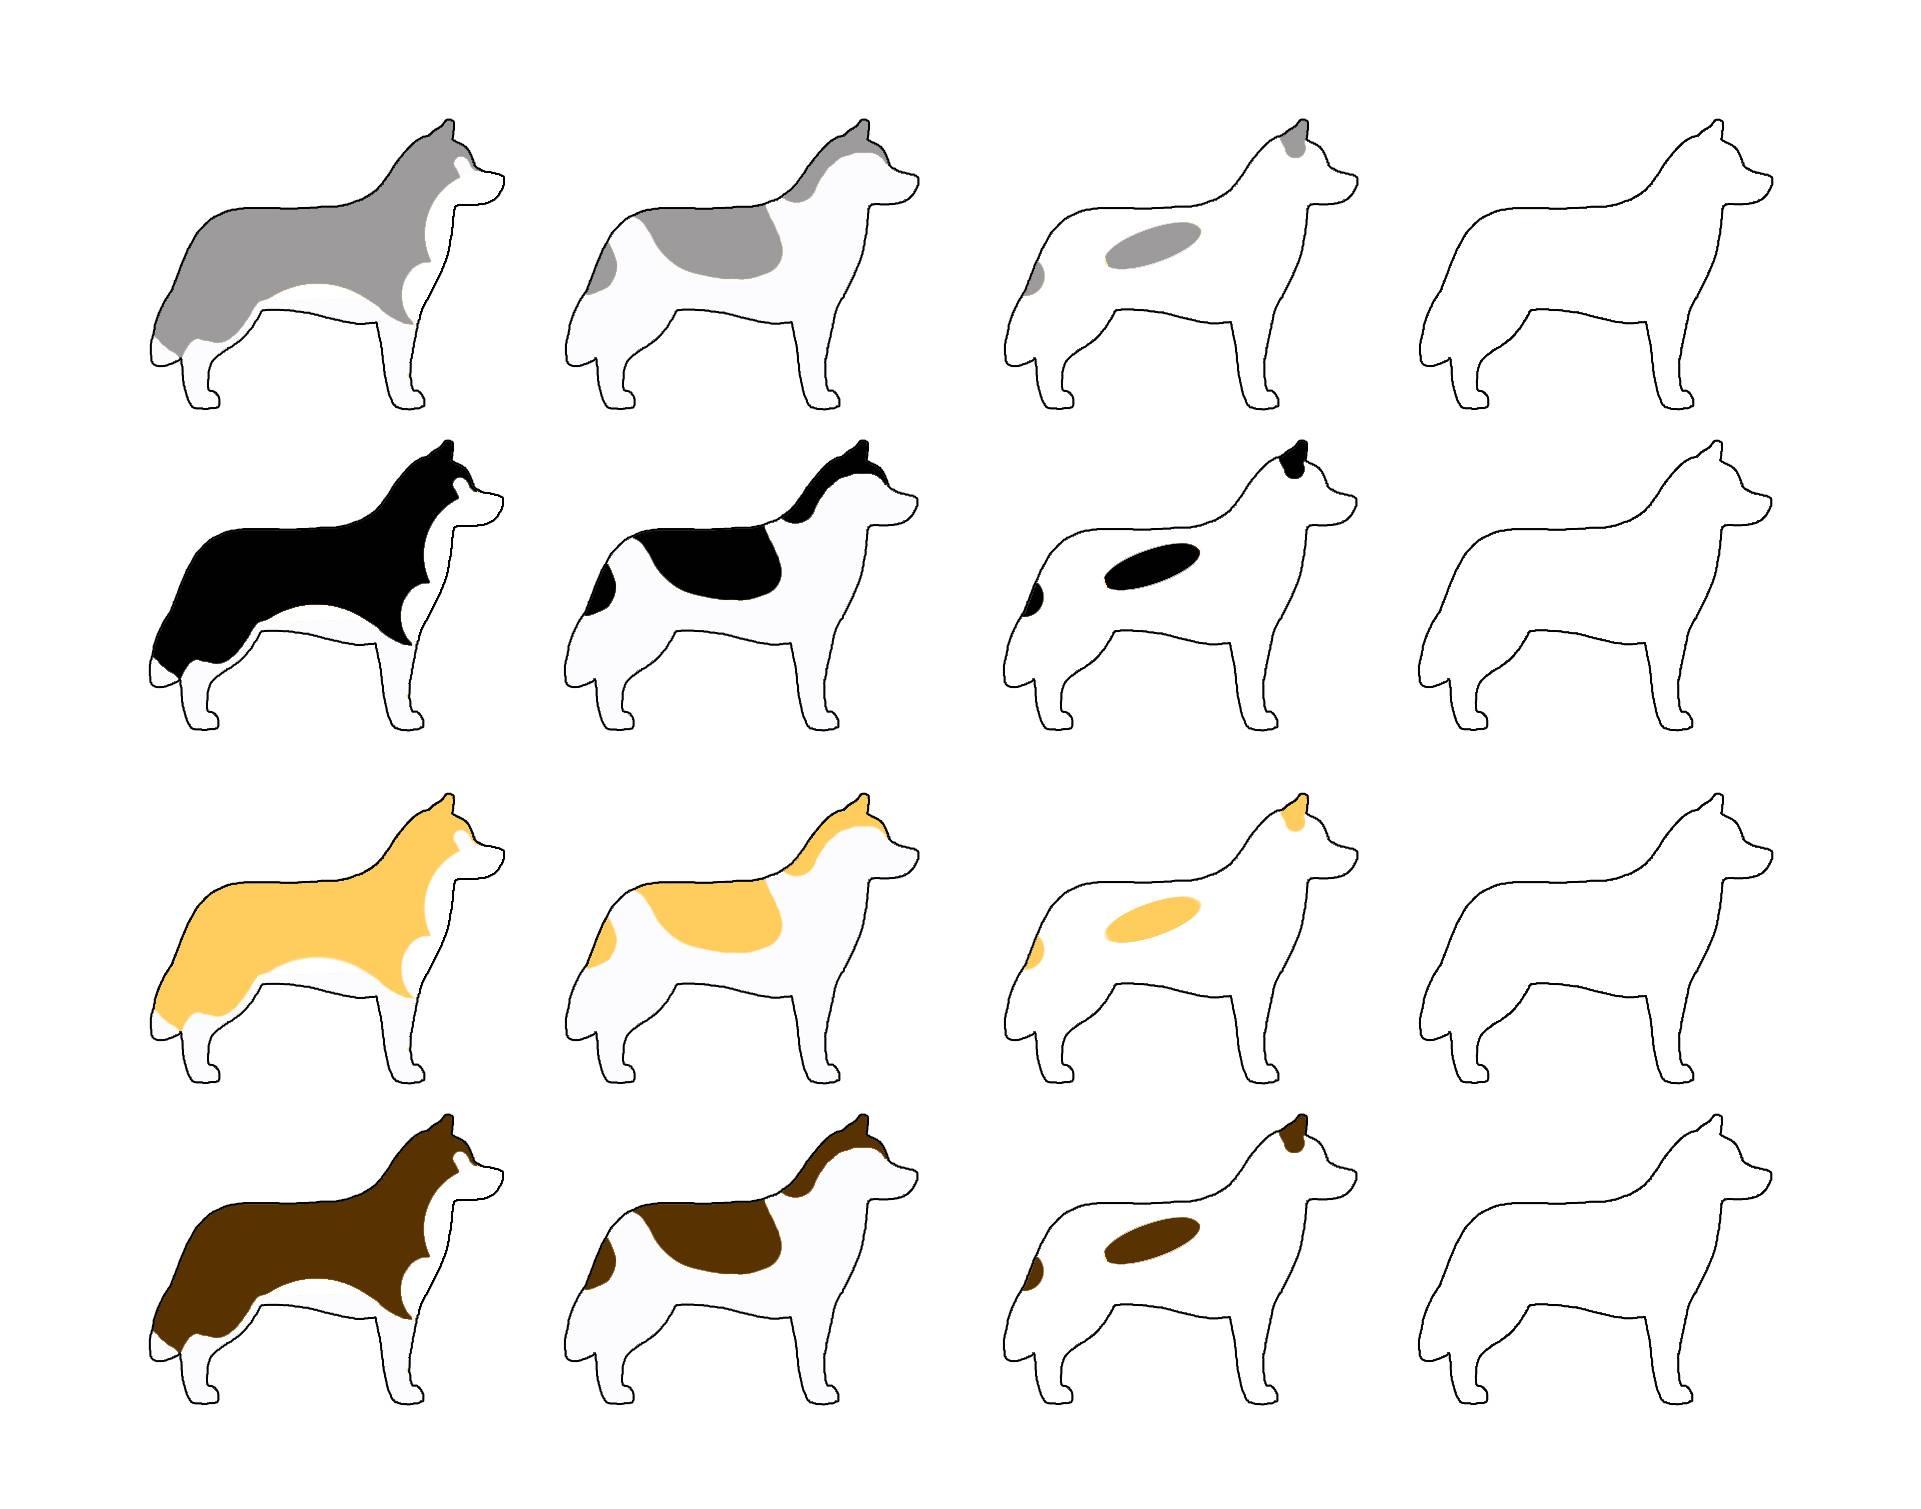 Джек-рассел-терьер: черный, белый, коричневый, трехцветный и другие окрасы